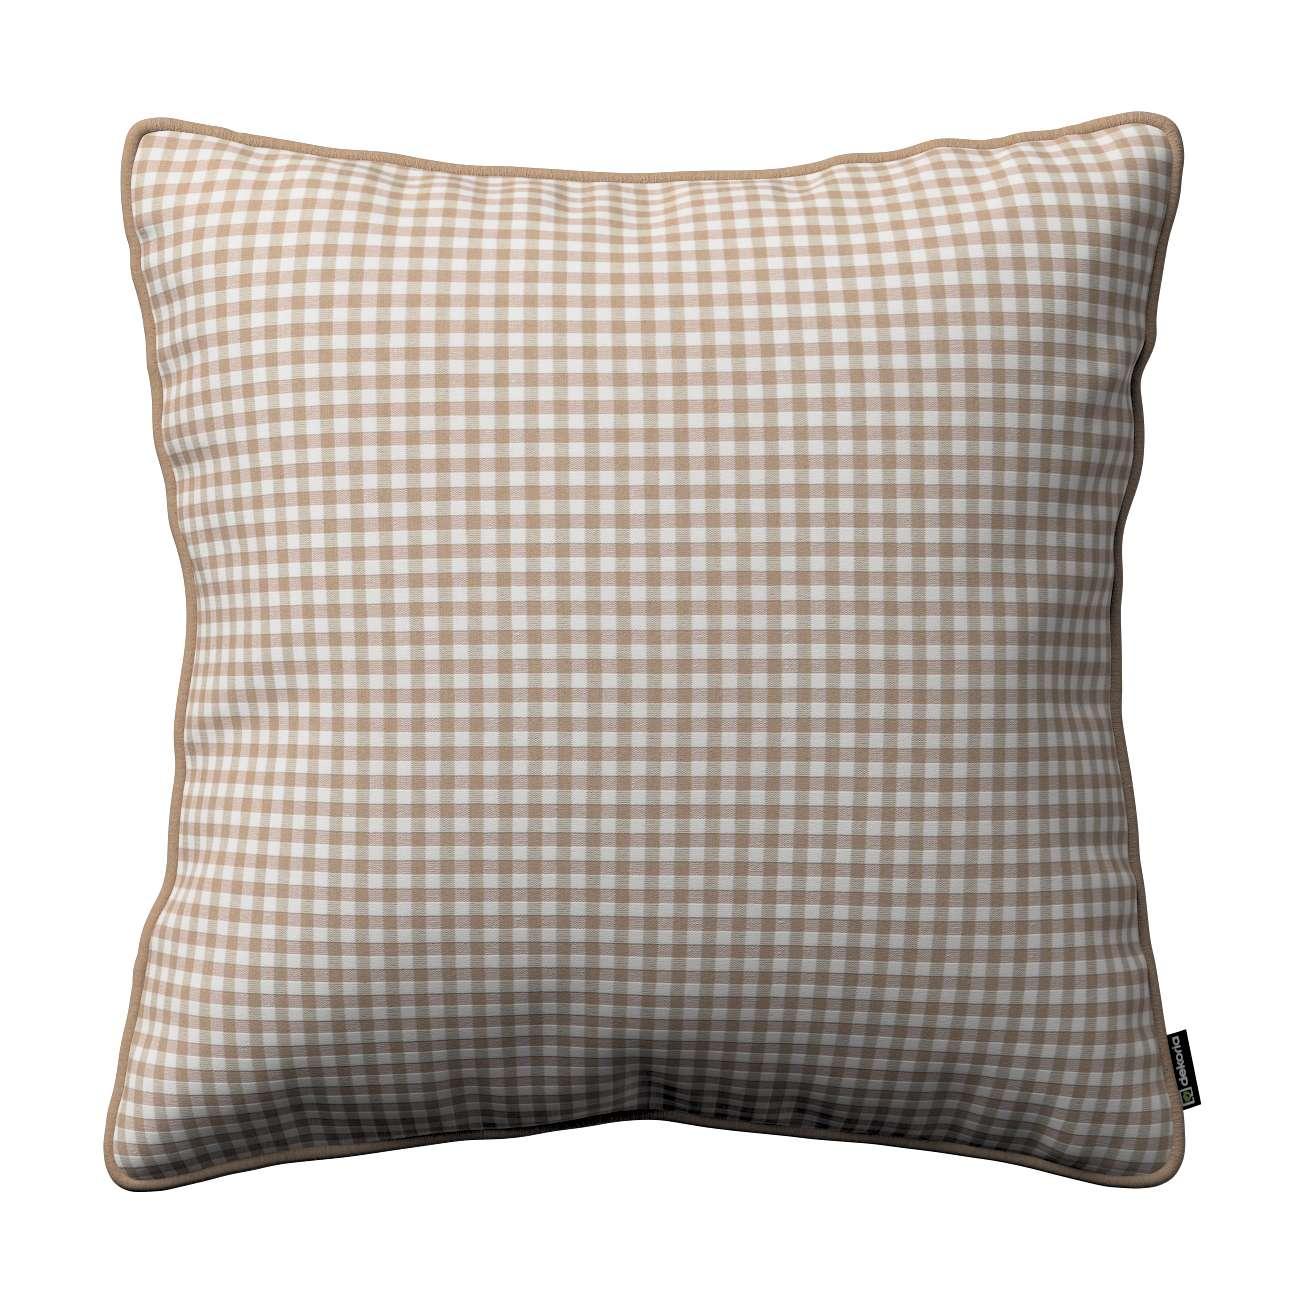 Poszewka Gabi na poduszkę 45 x 45 cm w kolekcji Quadro, tkanina: 136-05